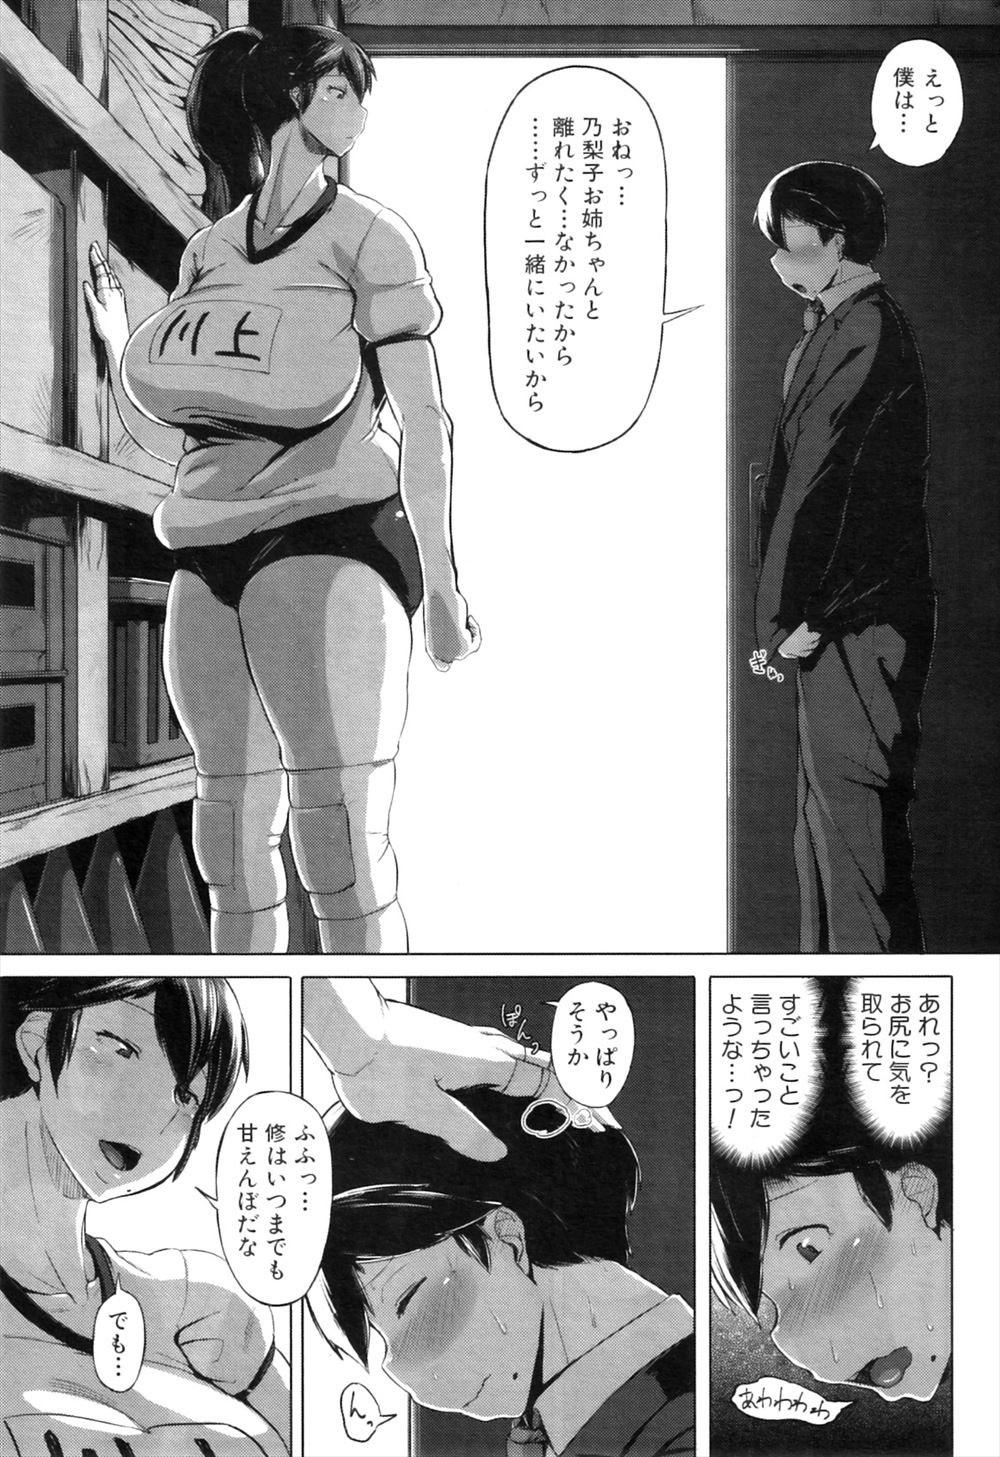 【エロ漫画】バレー部のムチムチな姉のことが好きな男子が体育倉庫で二人きりになり勃起がバレて姉弟セックスに! 007